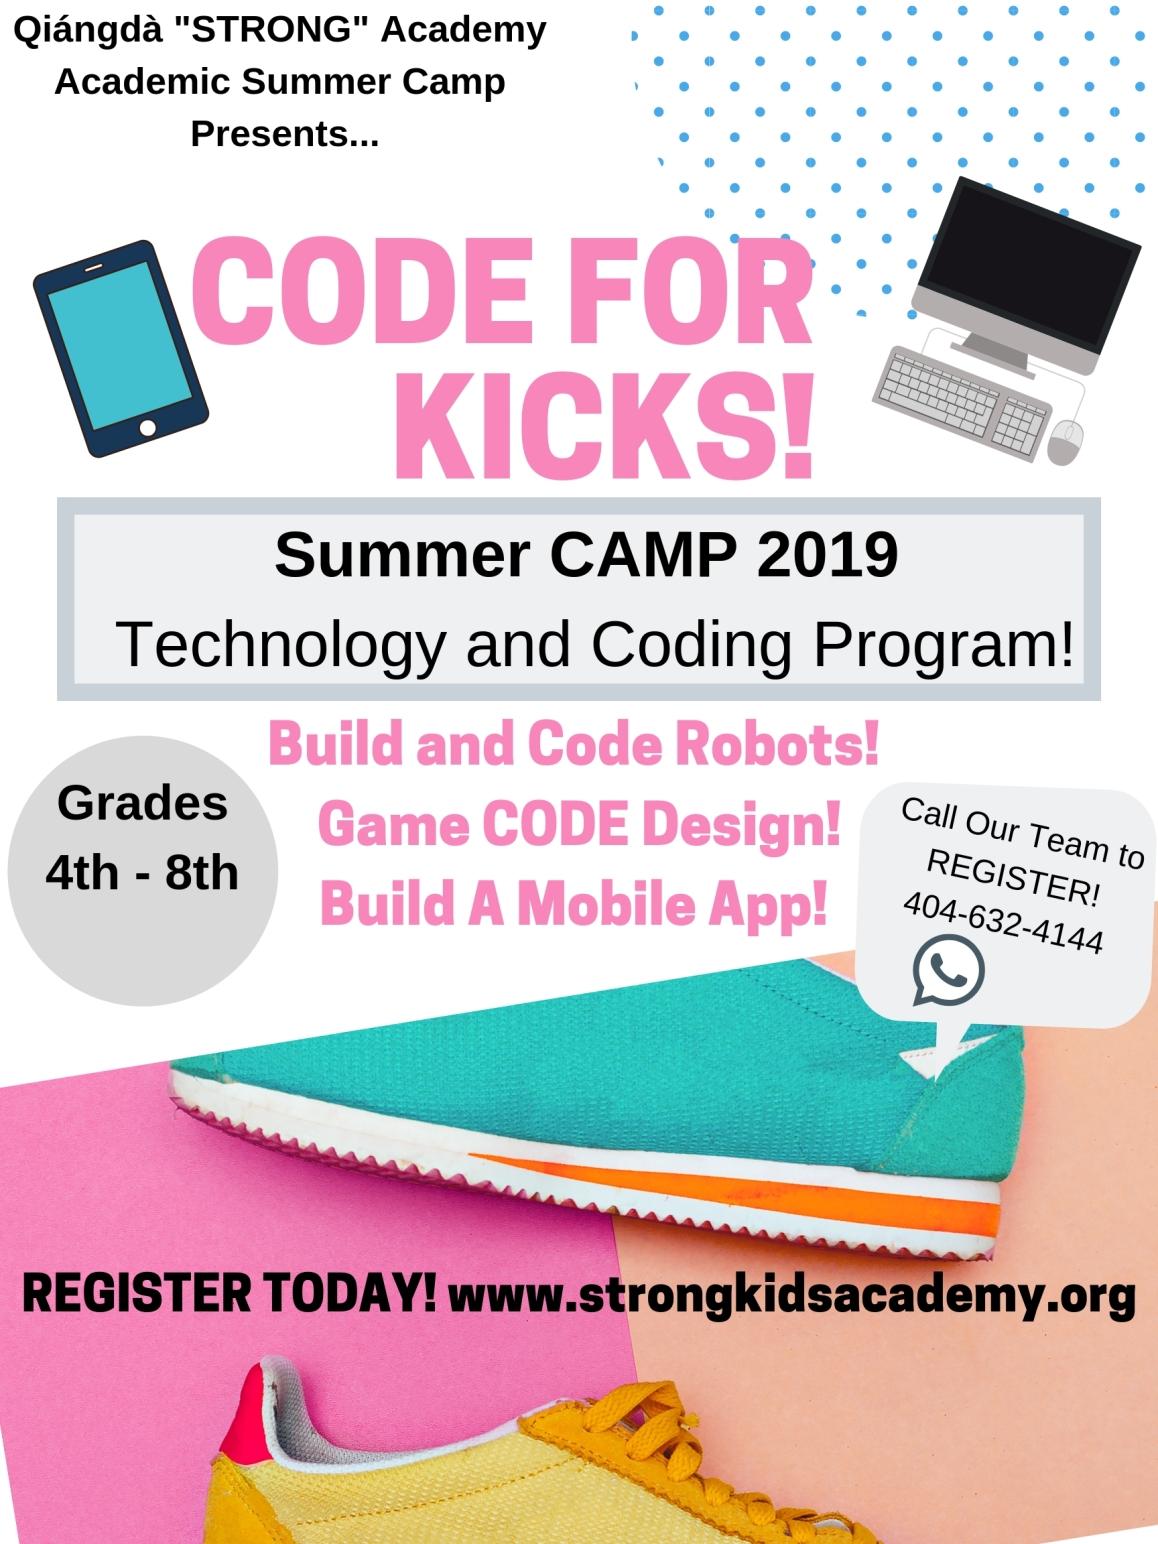 Code for kicks! (1)